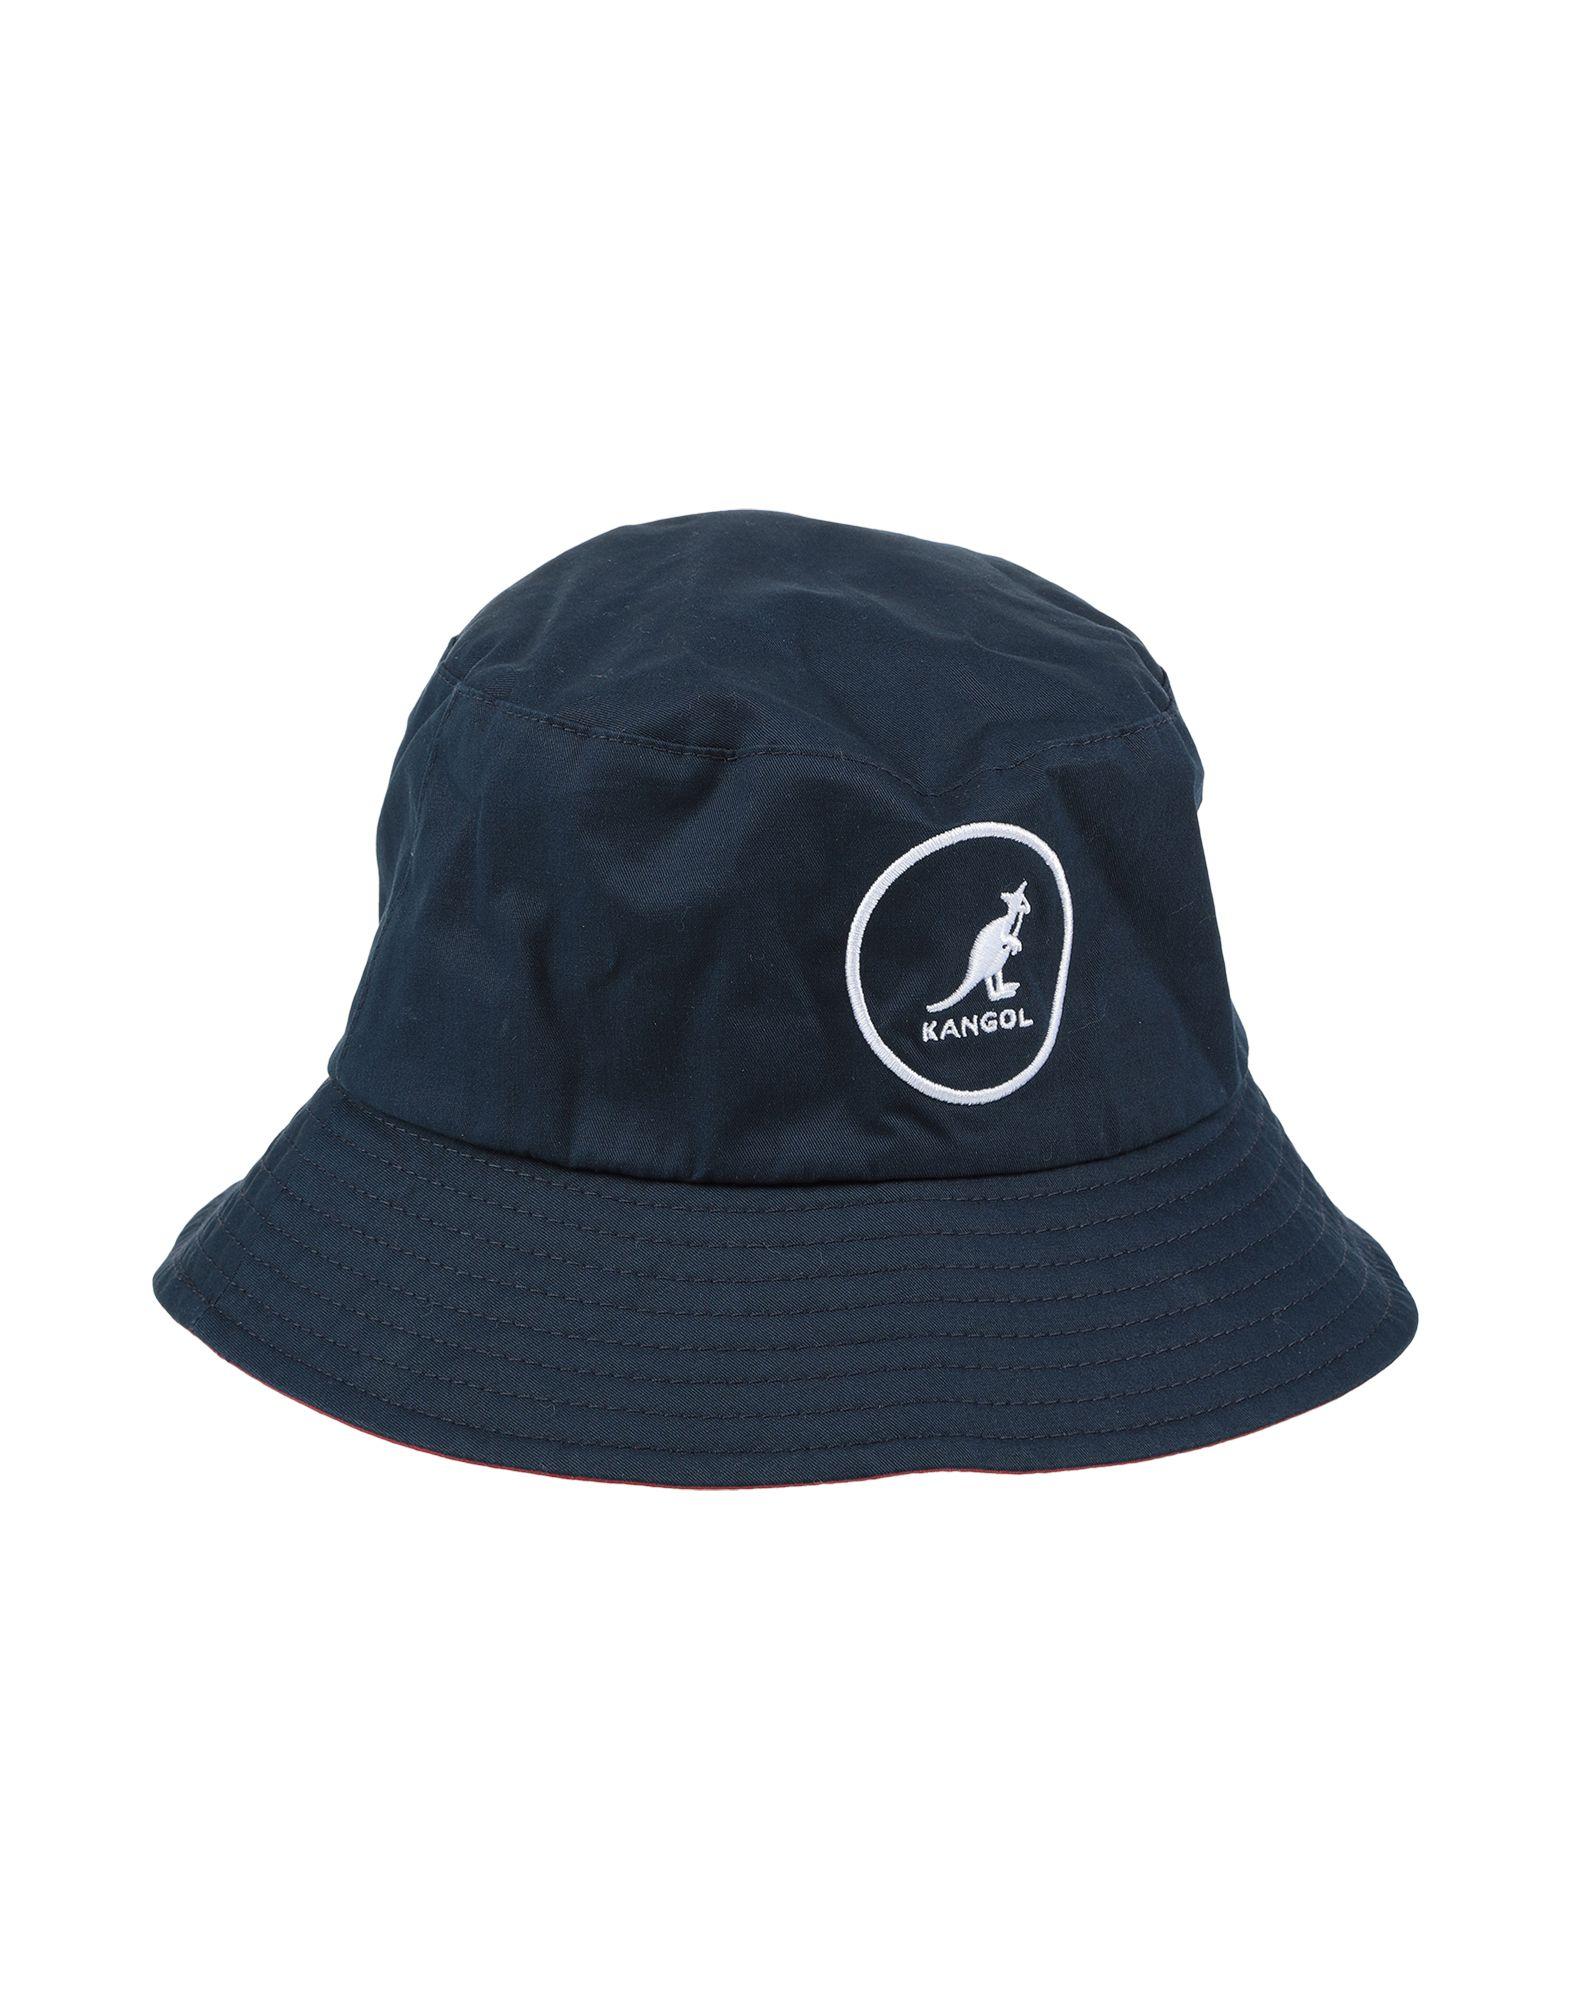 《送料無料》KANGOL メンズ 帽子 ダークブルー M コットン 100%